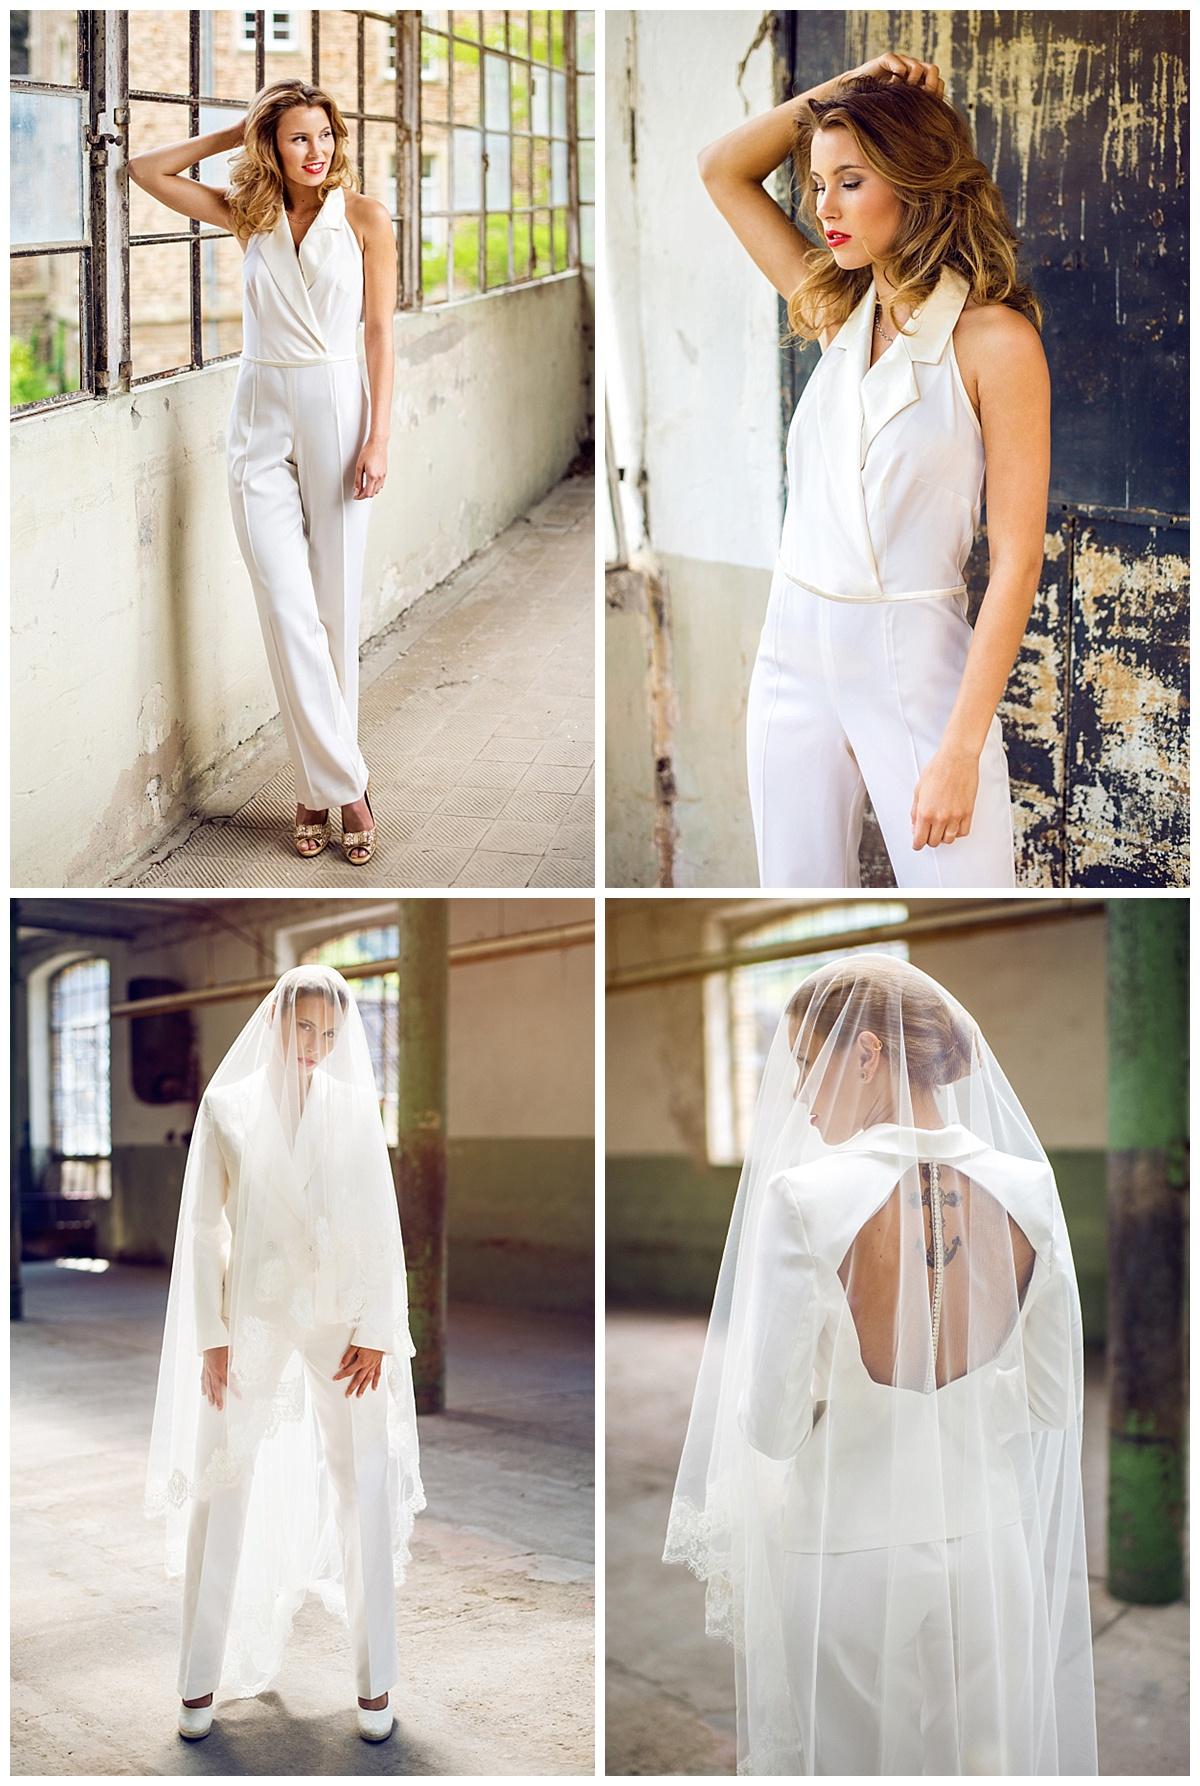 Brautkleid 2017 Michele Weiten Hochzeitsblog marryMAG